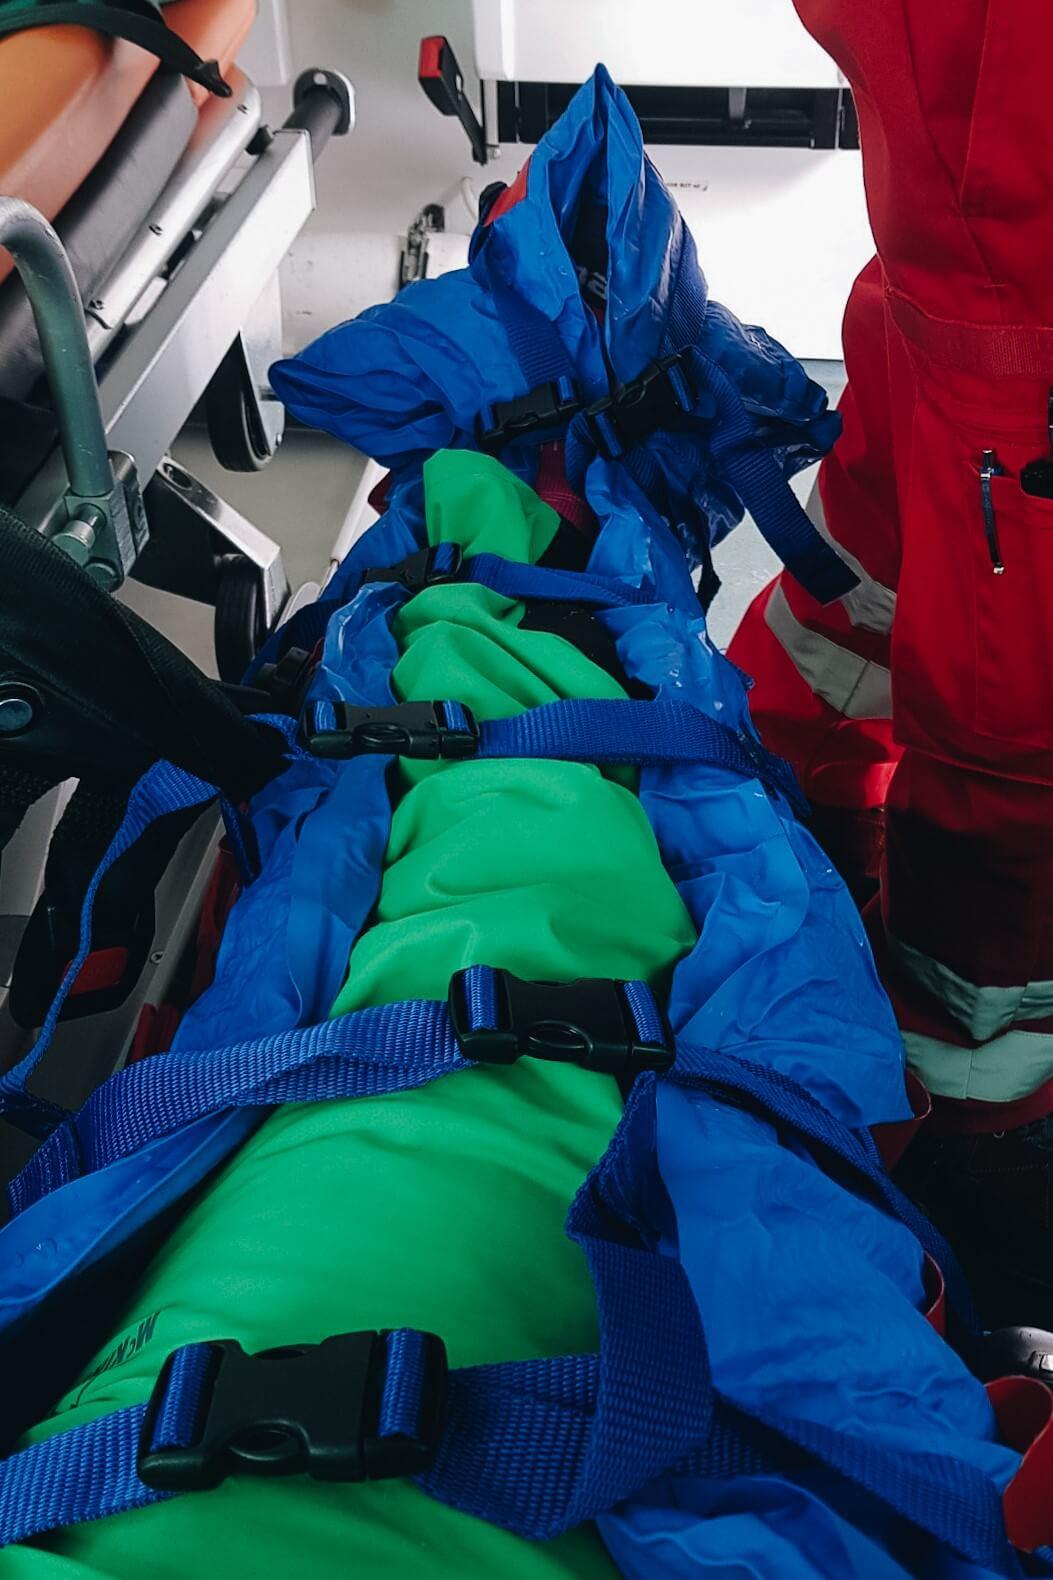 Kontuzjowana noga zawinięta w skafander usztywniający.